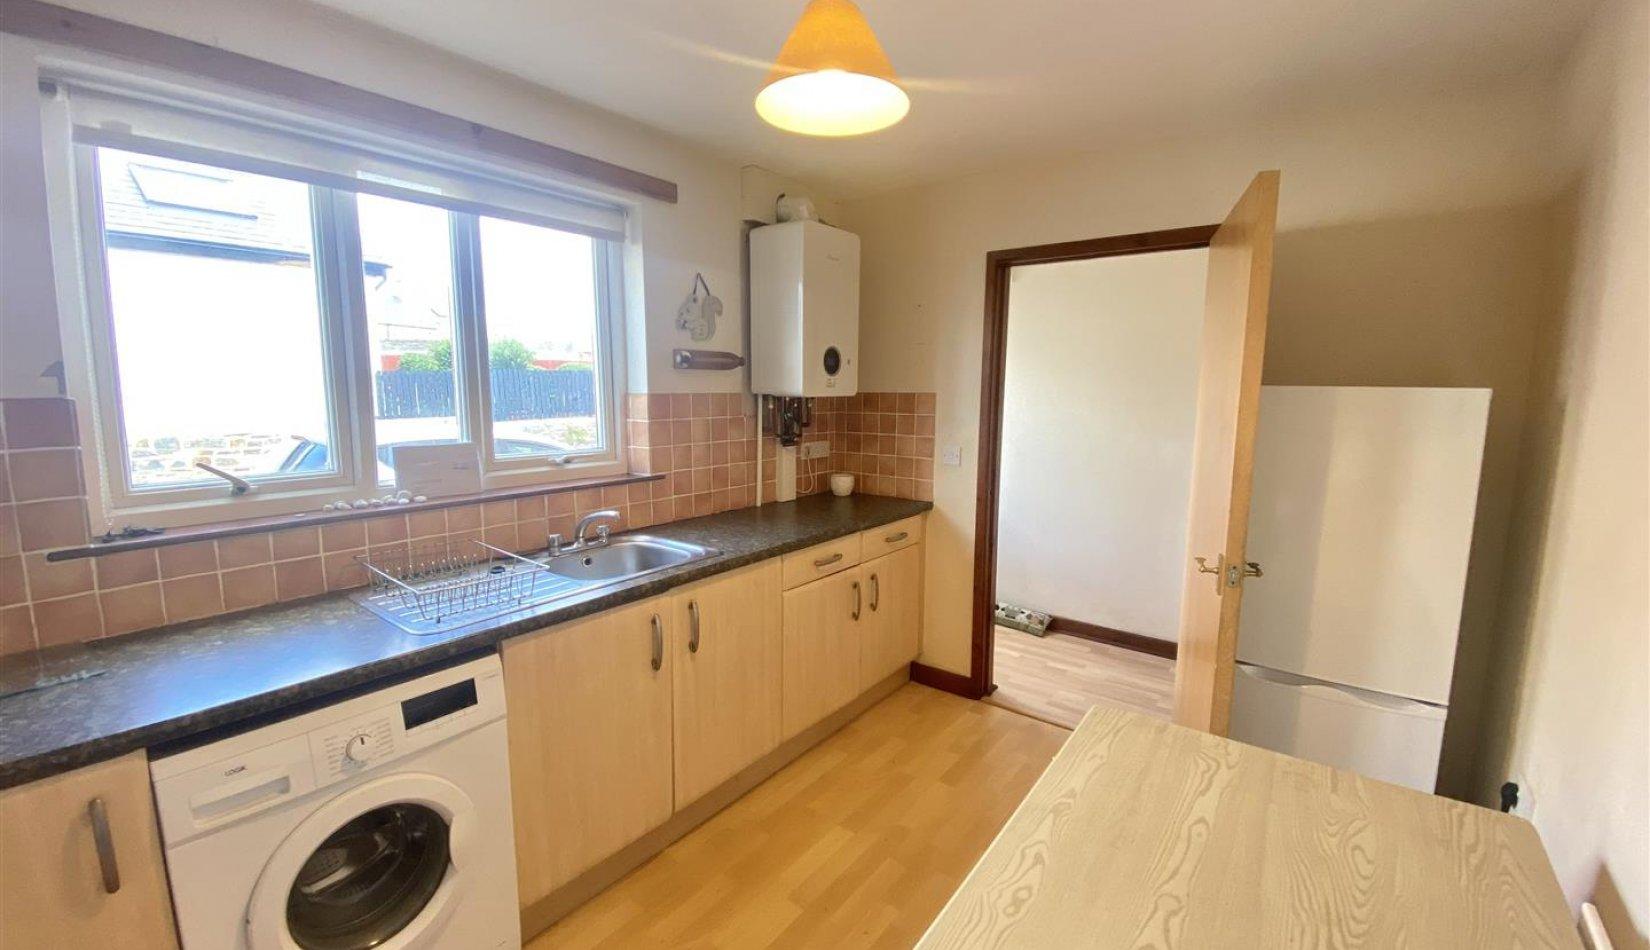 15 gg kitchen.jpg